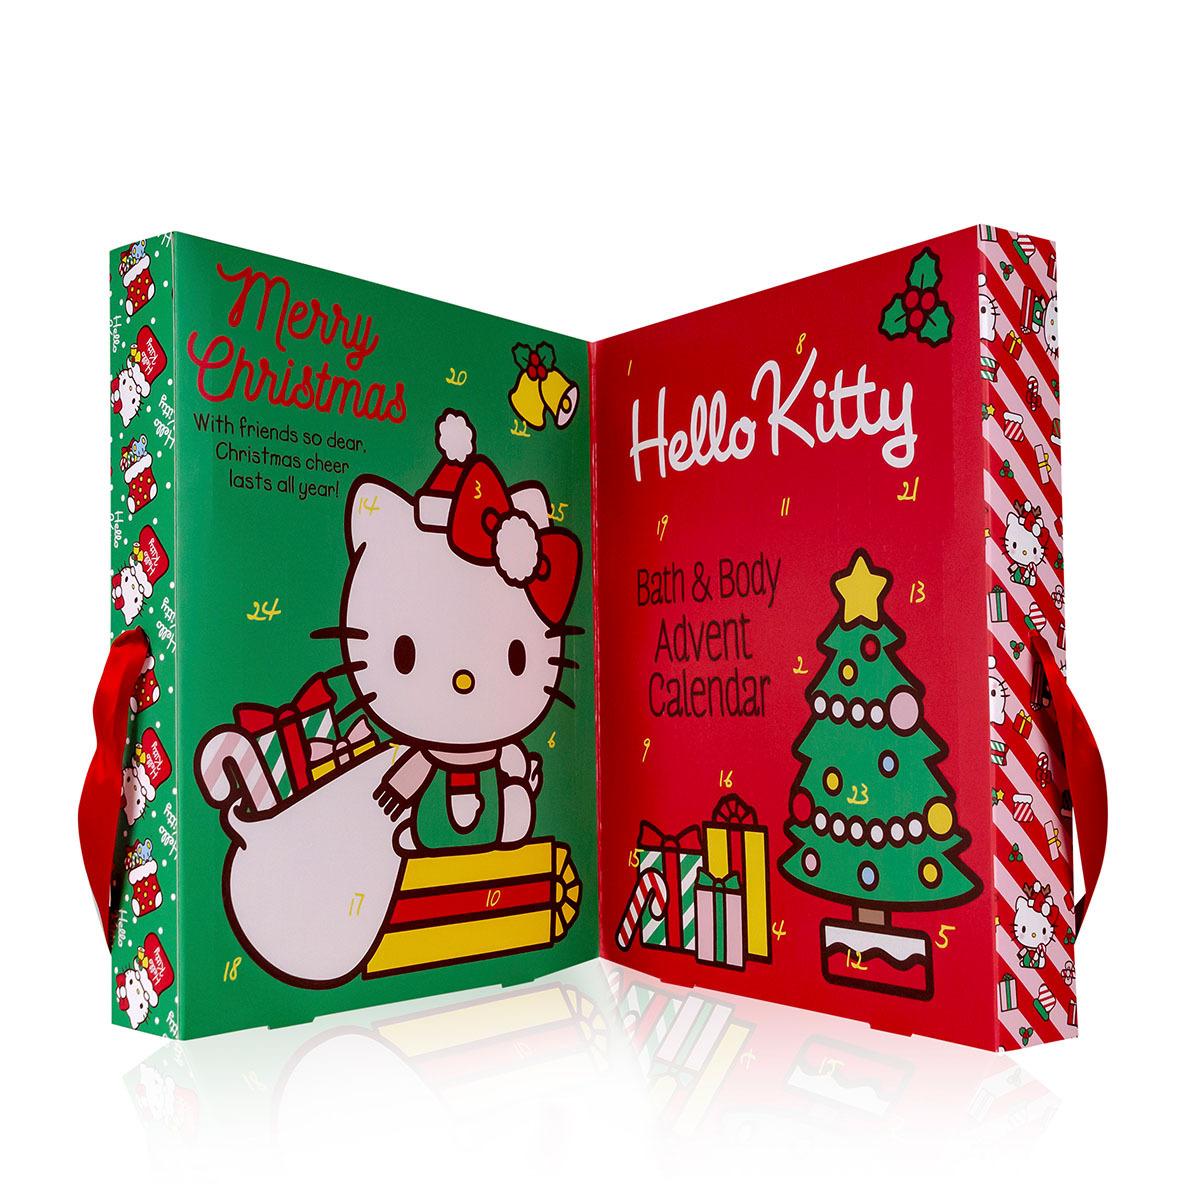 Bild 3 von Adventskalender HELLO KITTY in buchförmiger Box